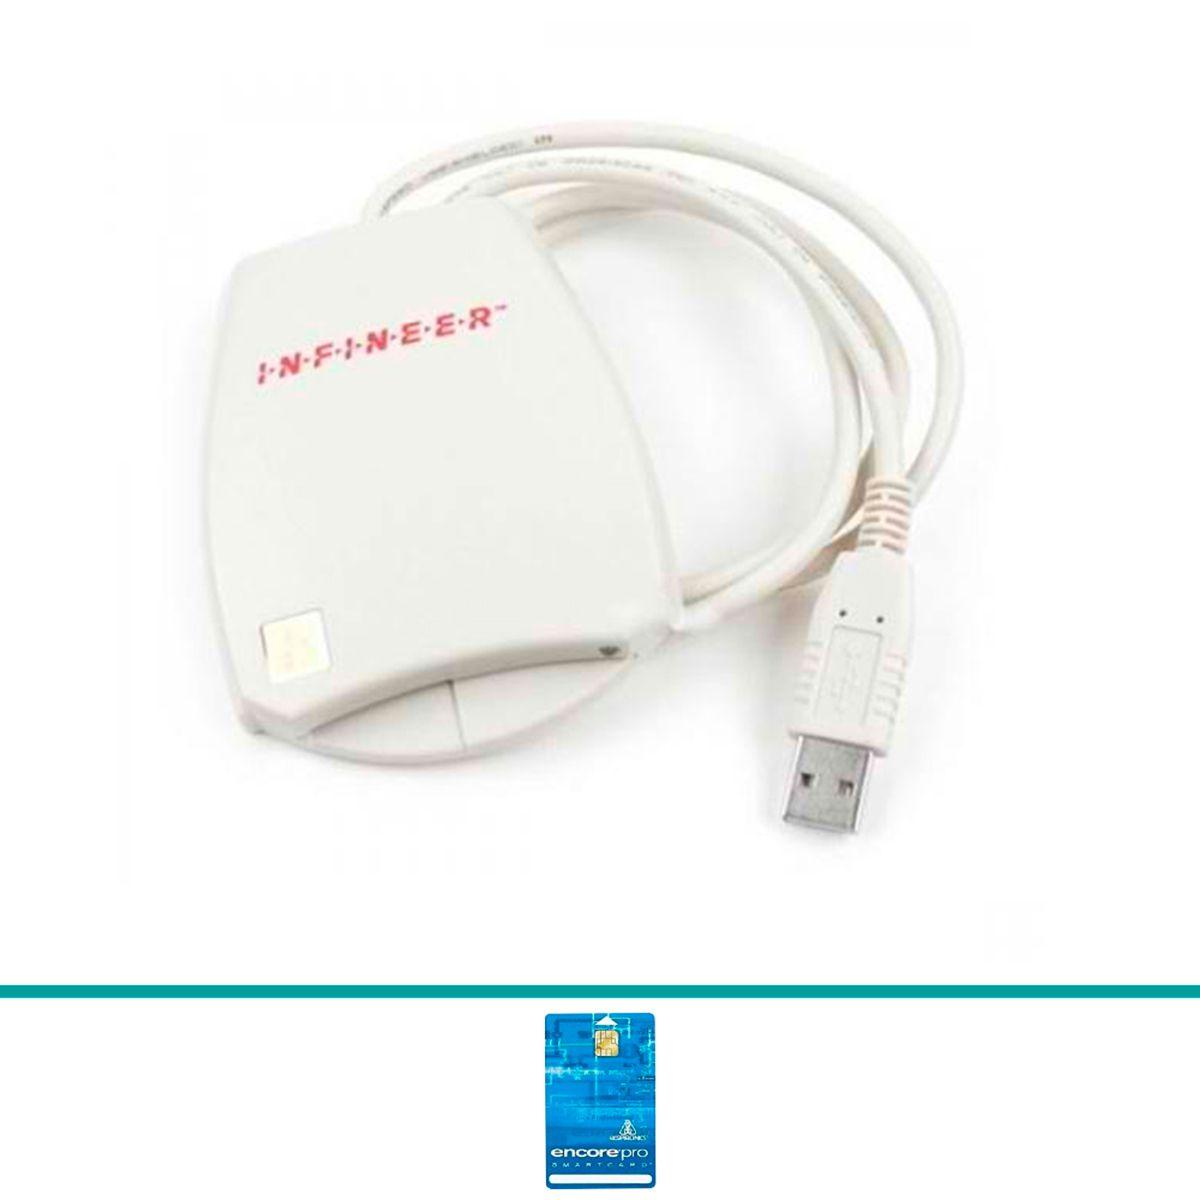 Leitor de Cartão Smartcard EncorePro USB Respironics